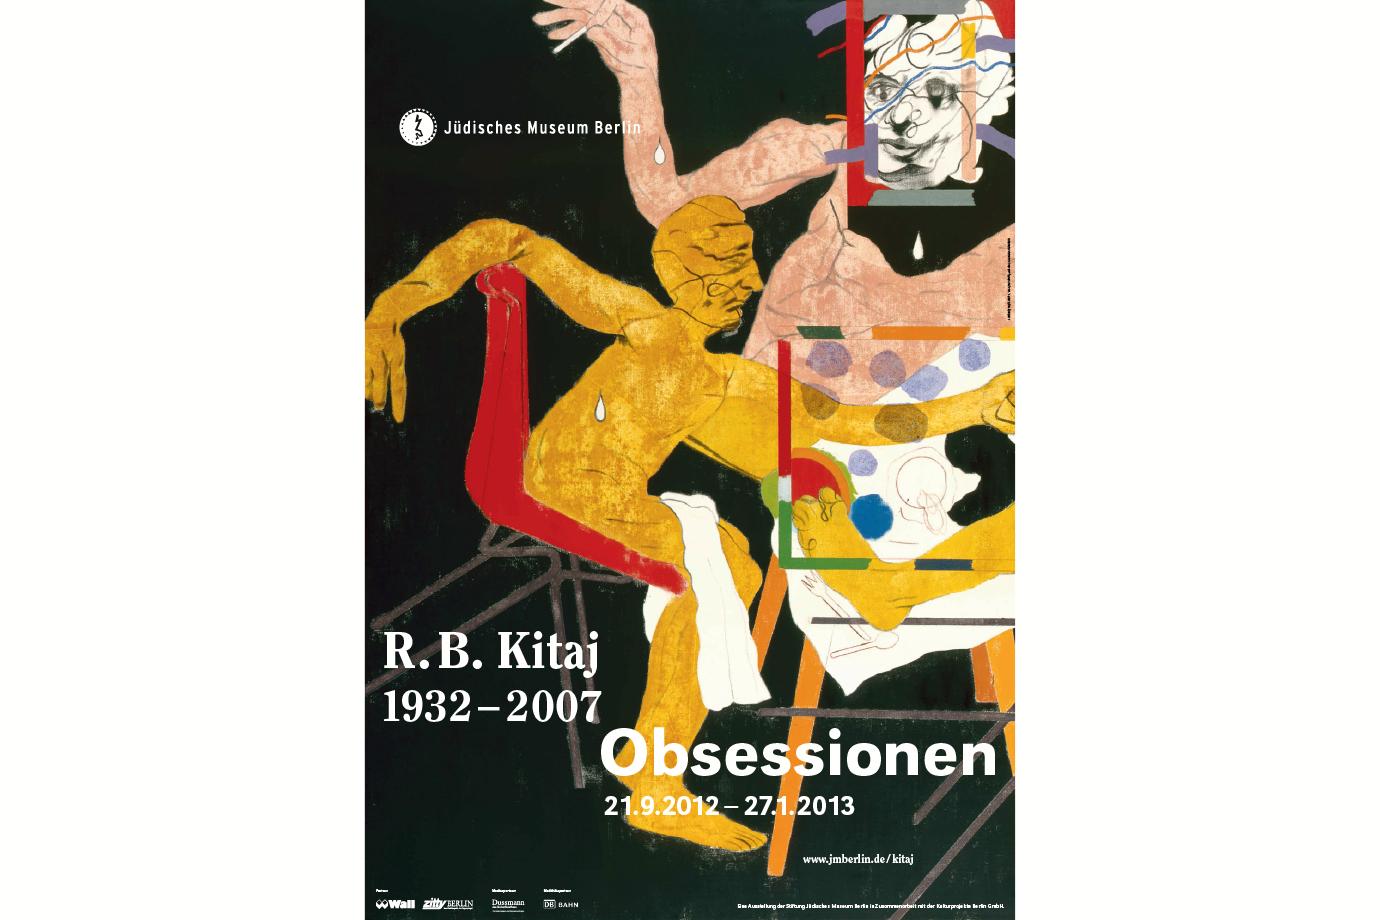 http://e-o-t.de/wordpress/wp-content/uploads/2017/06/eot-2012-Kitaj-Poster-1.jpg